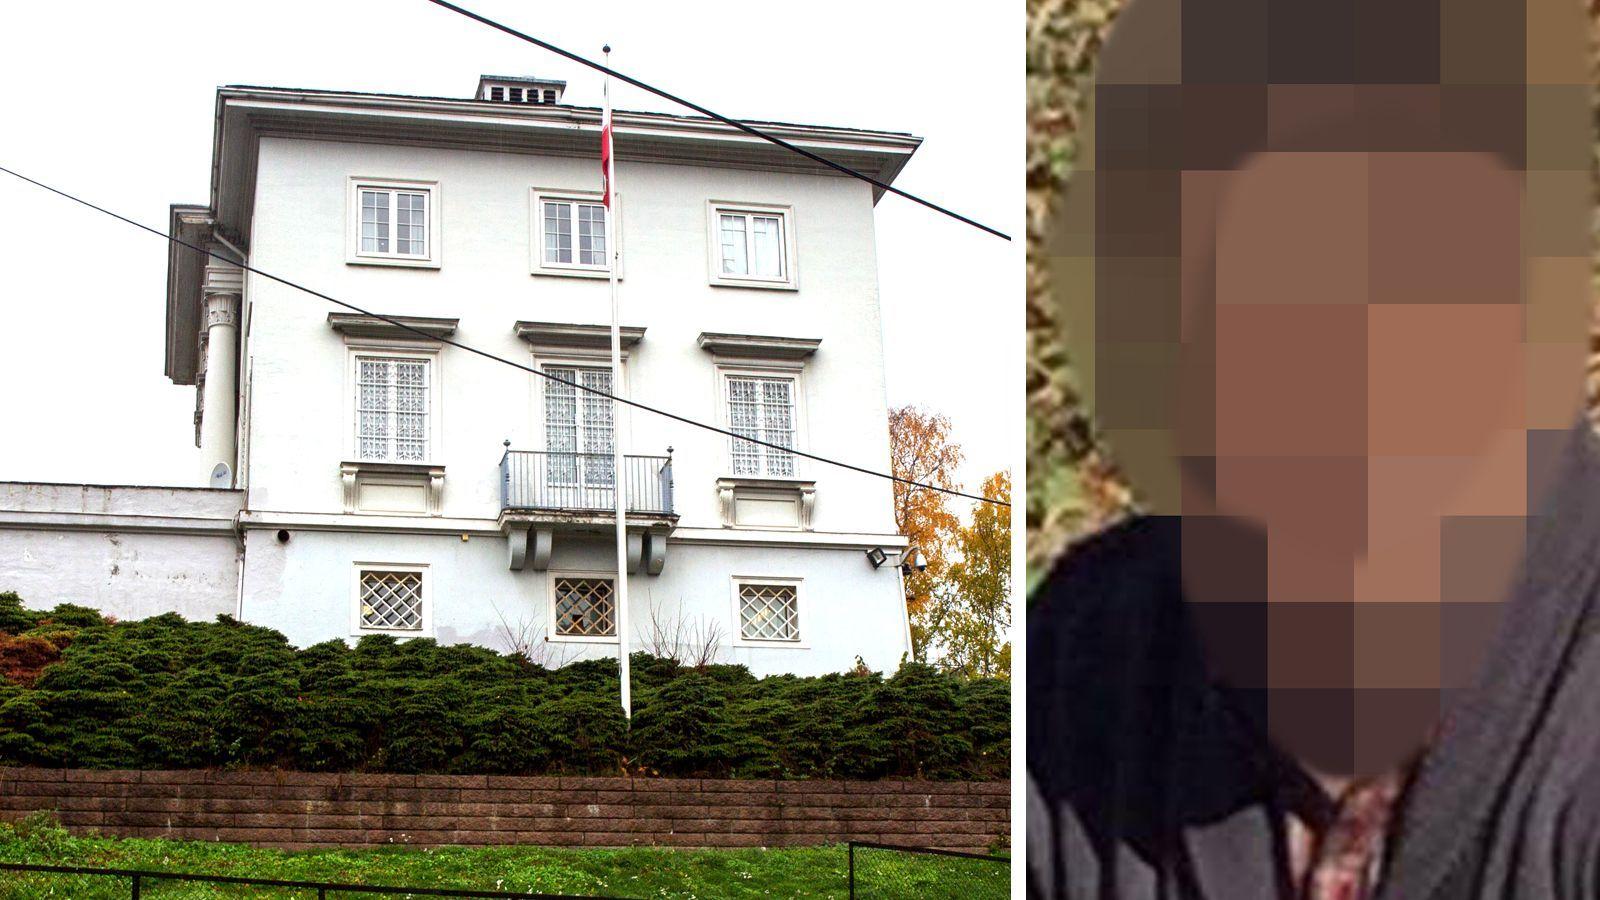 PÅ VESTKANTEN: Irans ambassade ligger i Drammensveien på Frogner i Oslo. Her skal den siktede norskiraneren flere ganger ha jobbet som vakt, ifølge VGs opplysninger.